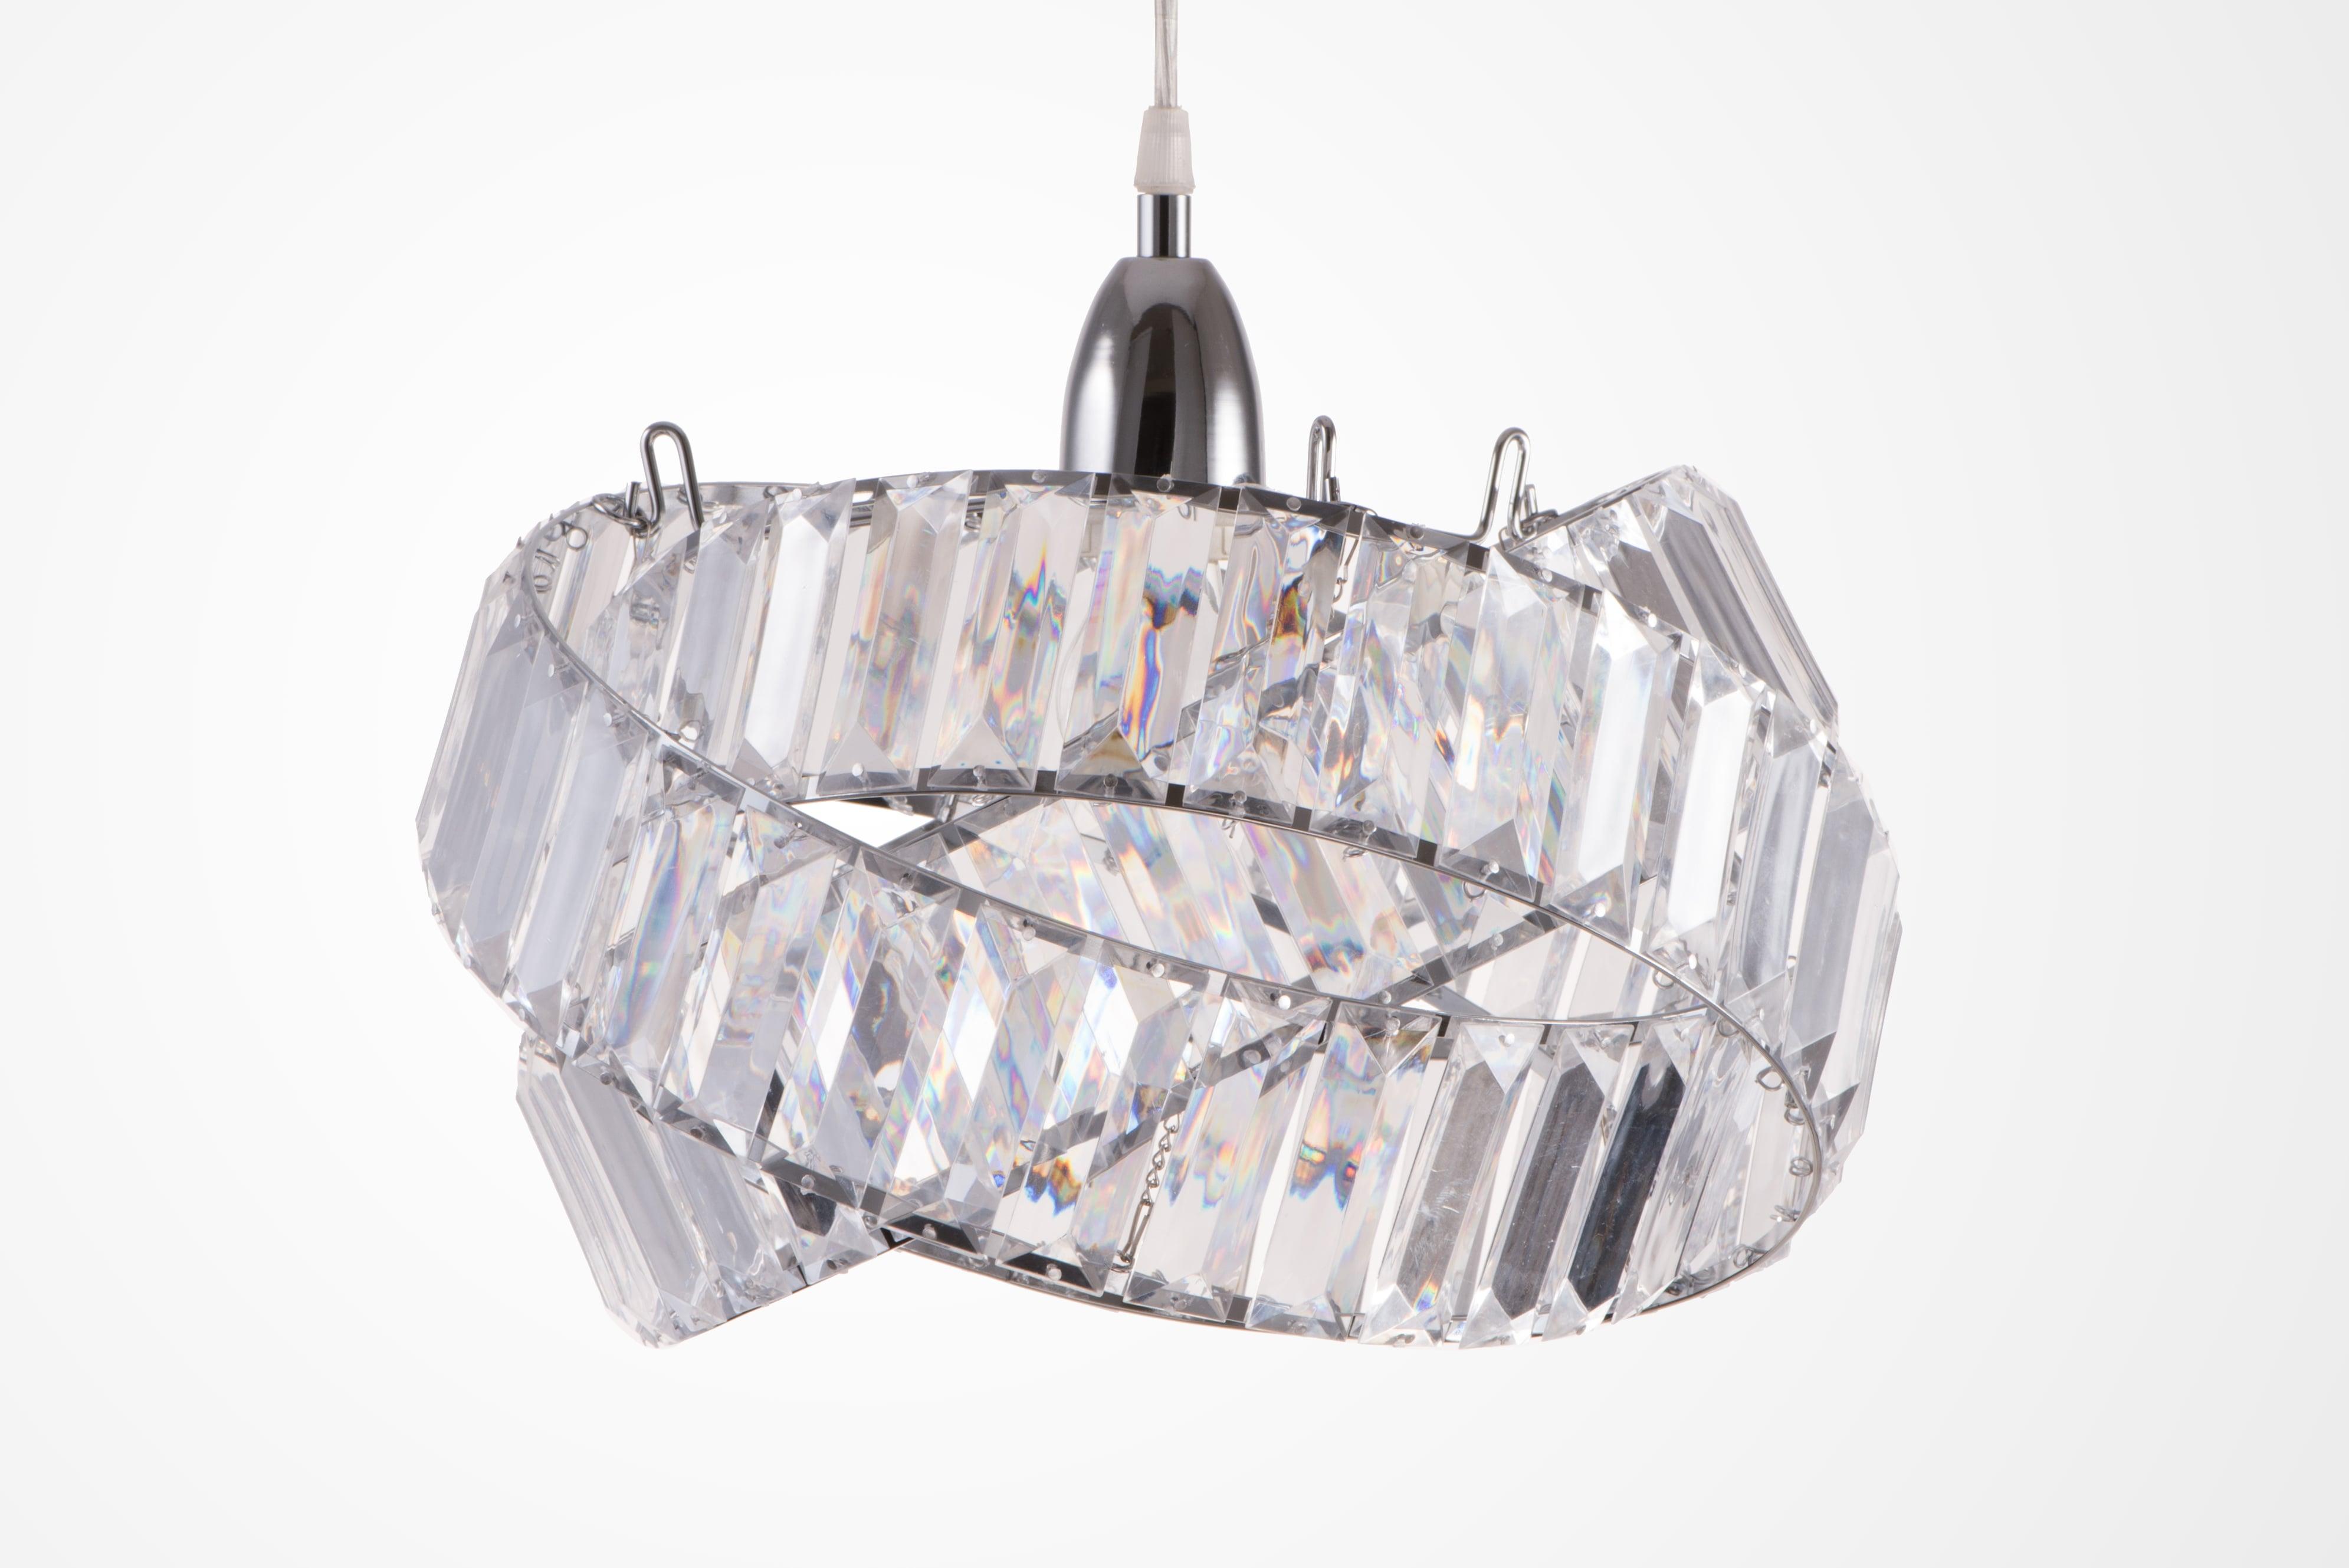 三環戒吊燈-BNL00068 0